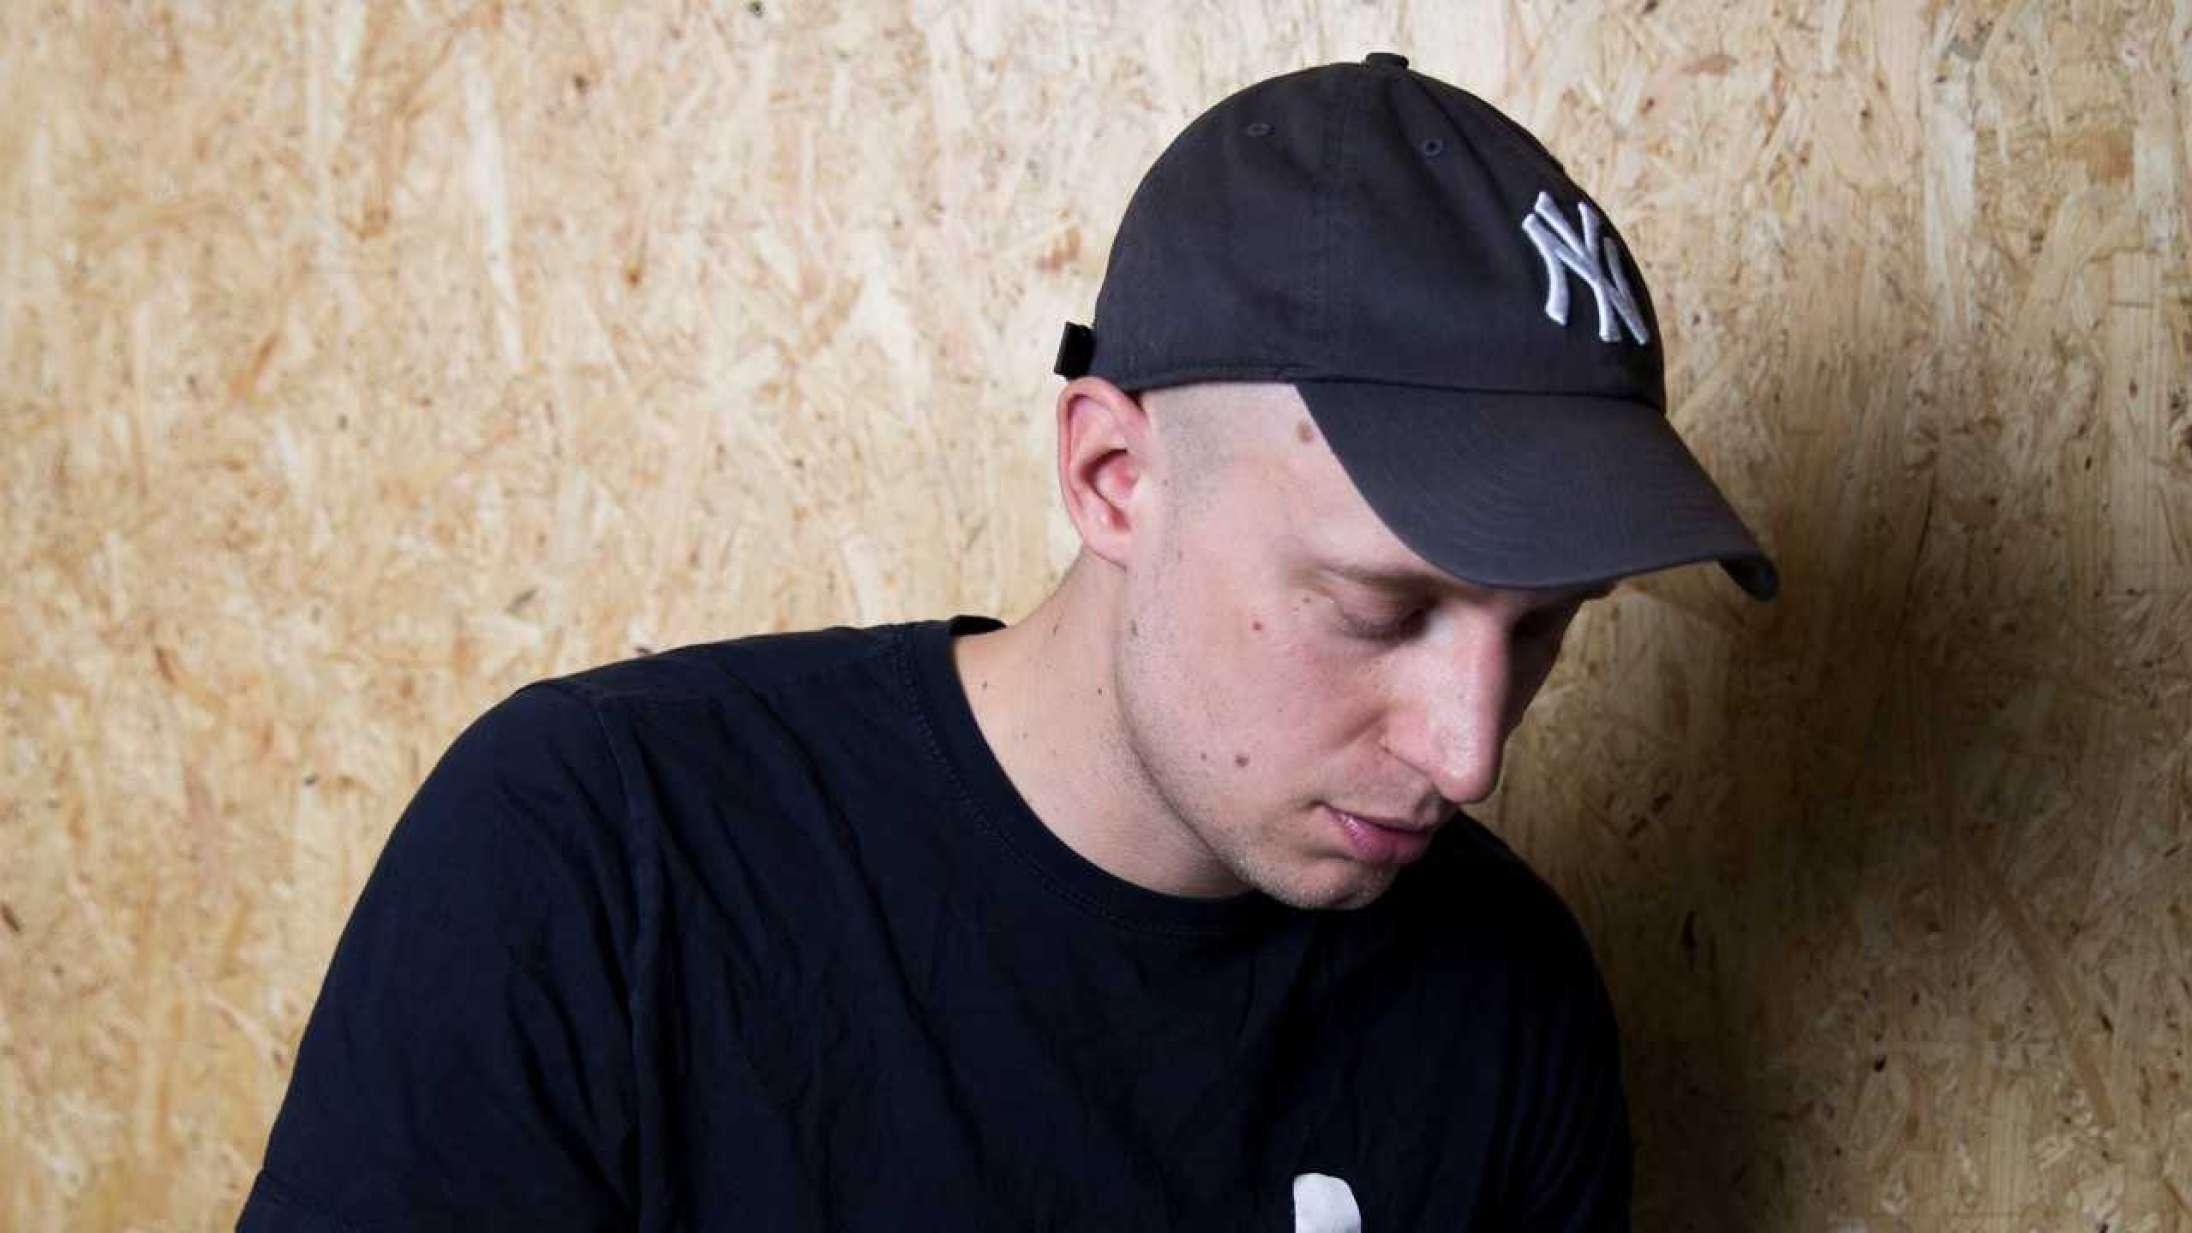 Pede B starter sit eget pladeselskab – og annoncerer konceptalbum med DJ Noize og Lydmor